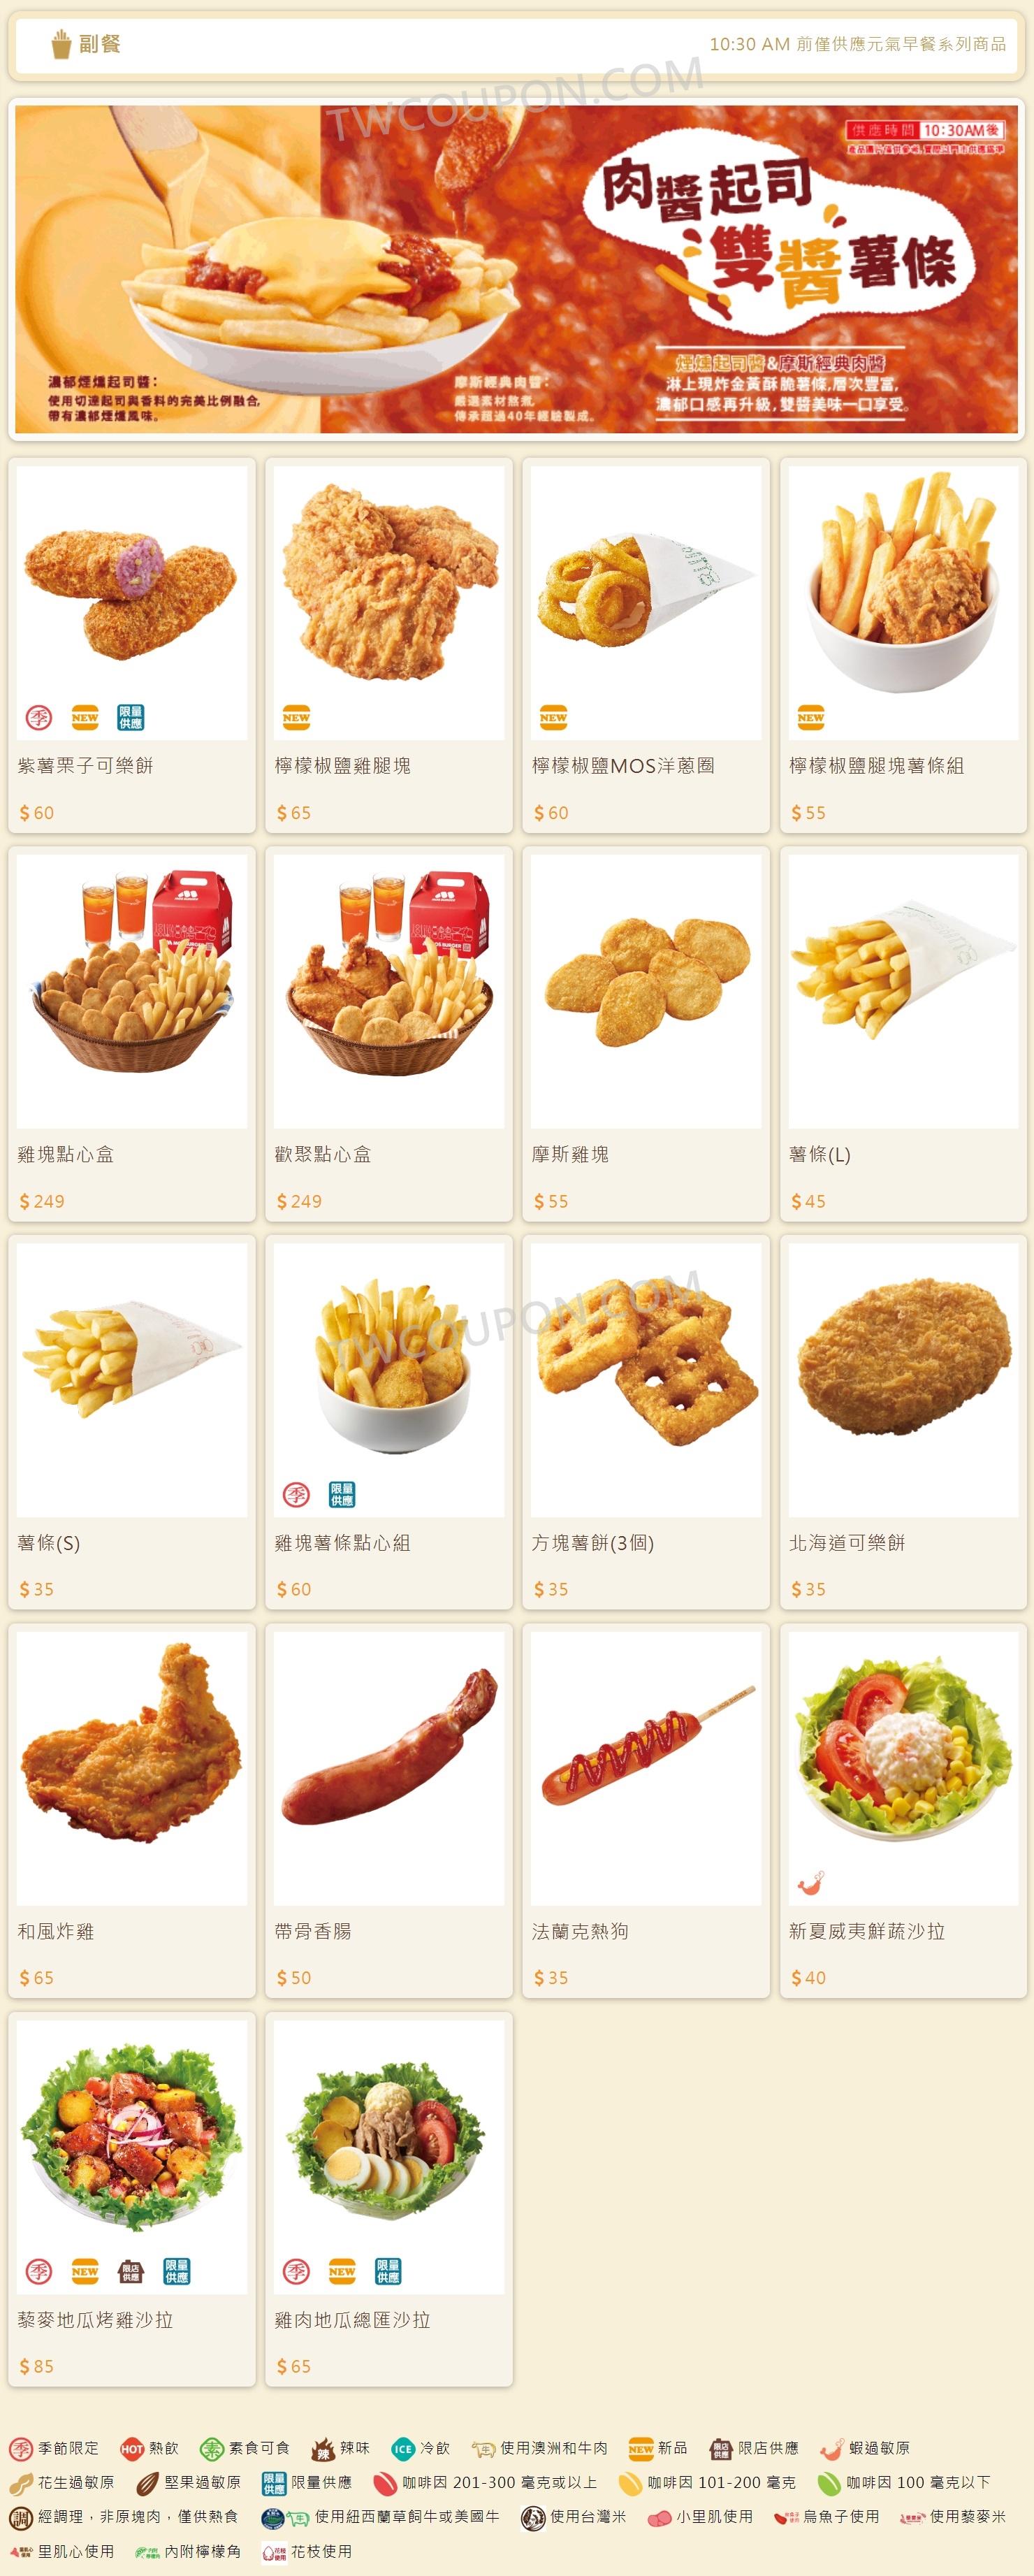 摩斯漢堡 副餐 菜單